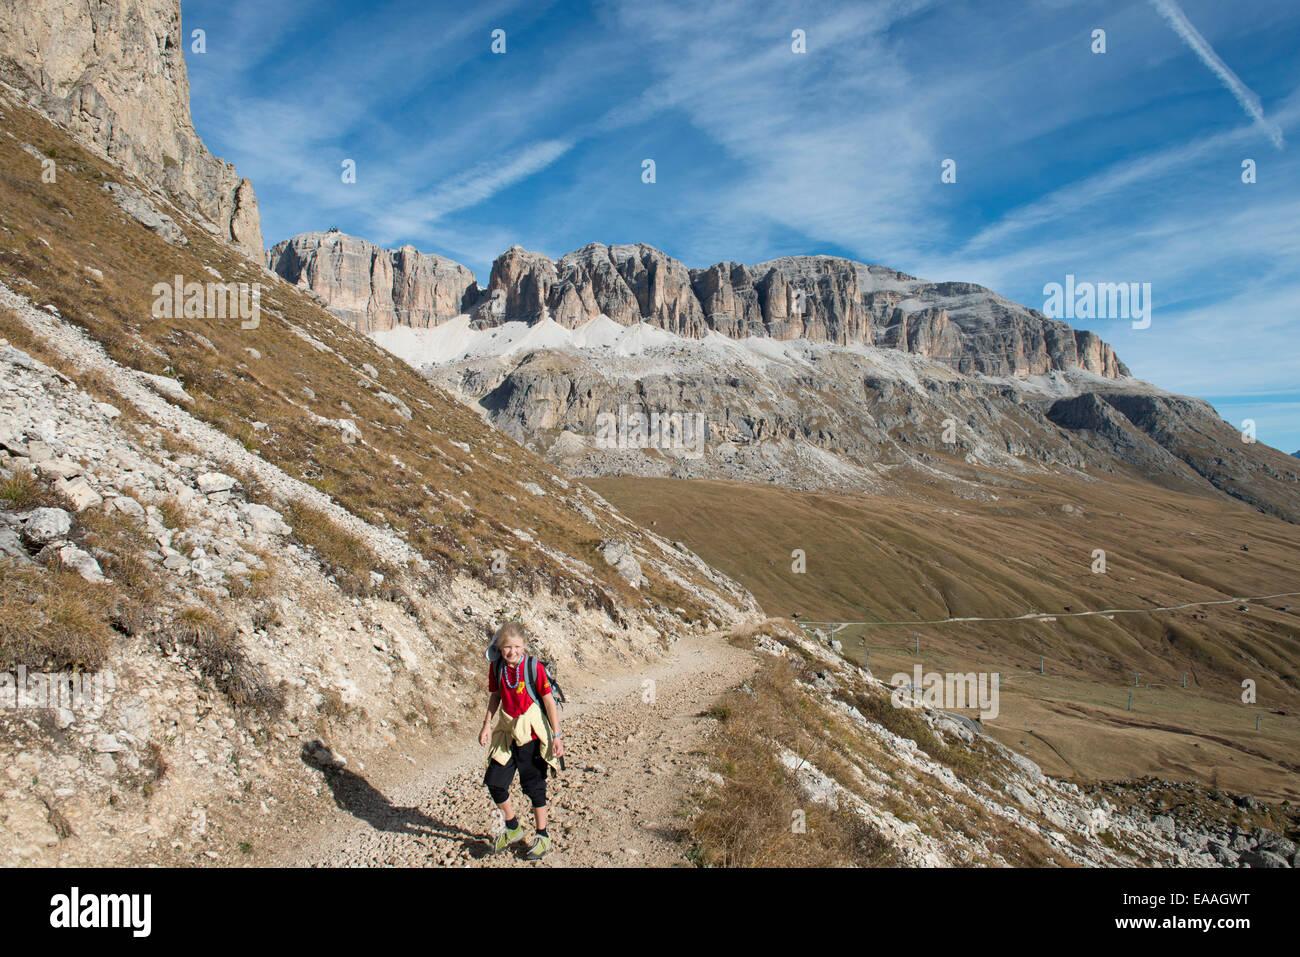 Kind wandert auf Schotterweg -children hike on alpine way - Stock Image